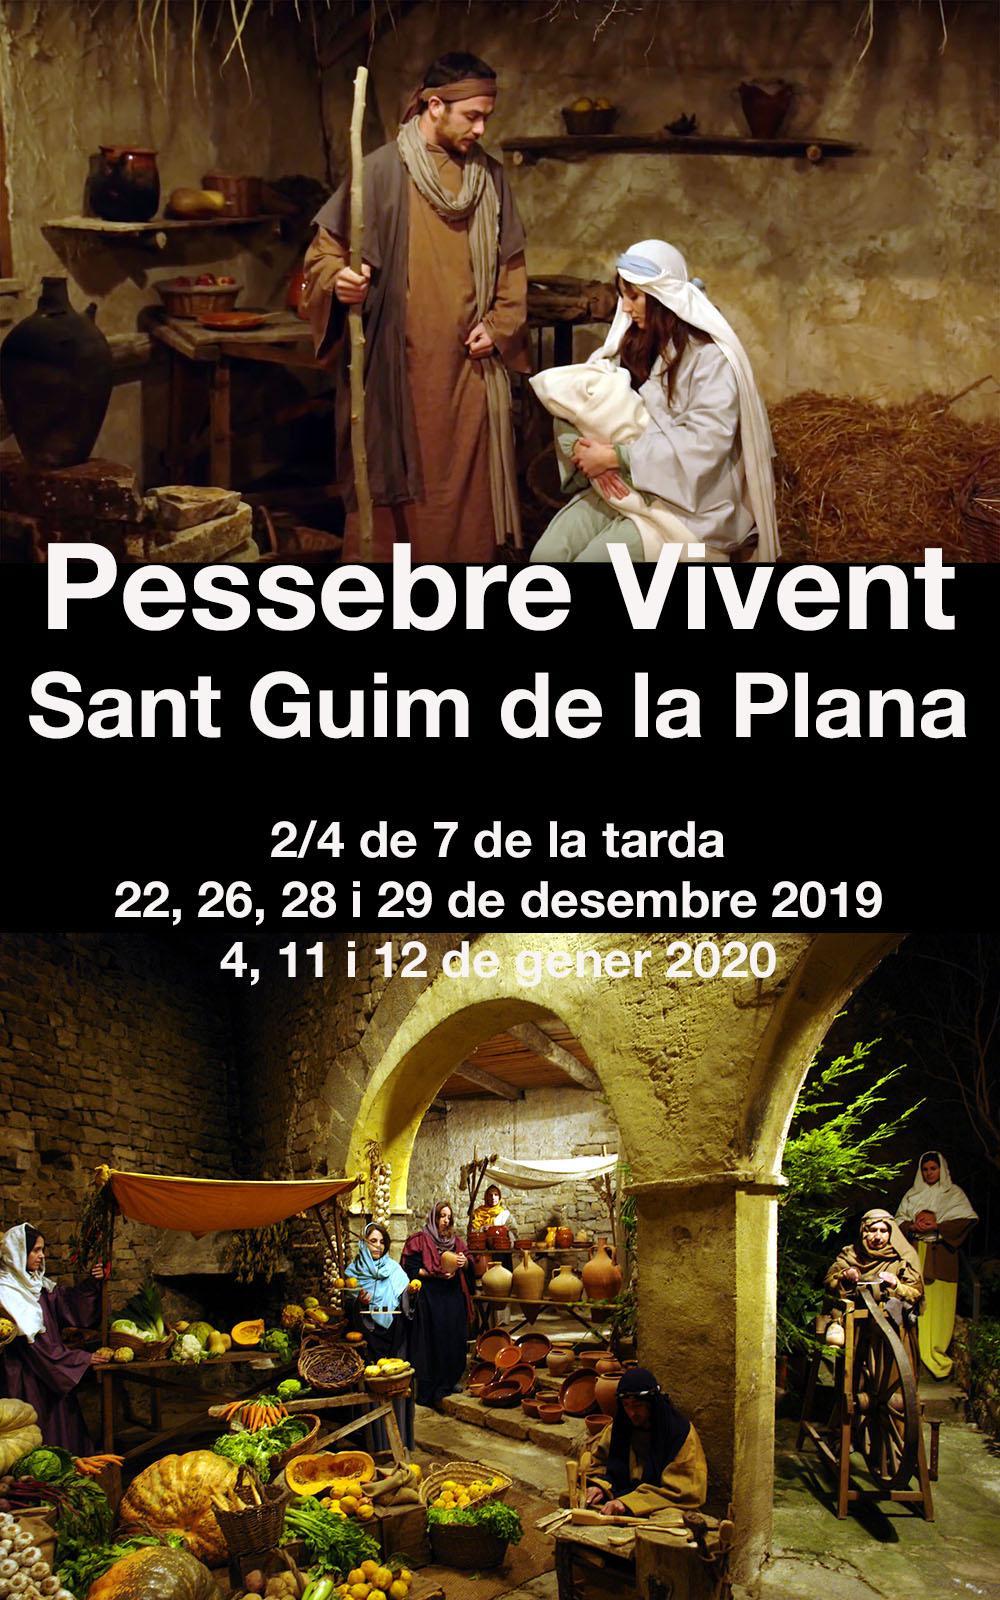 cartell Pessebre vivent de Sant Guim de la Plana 2019